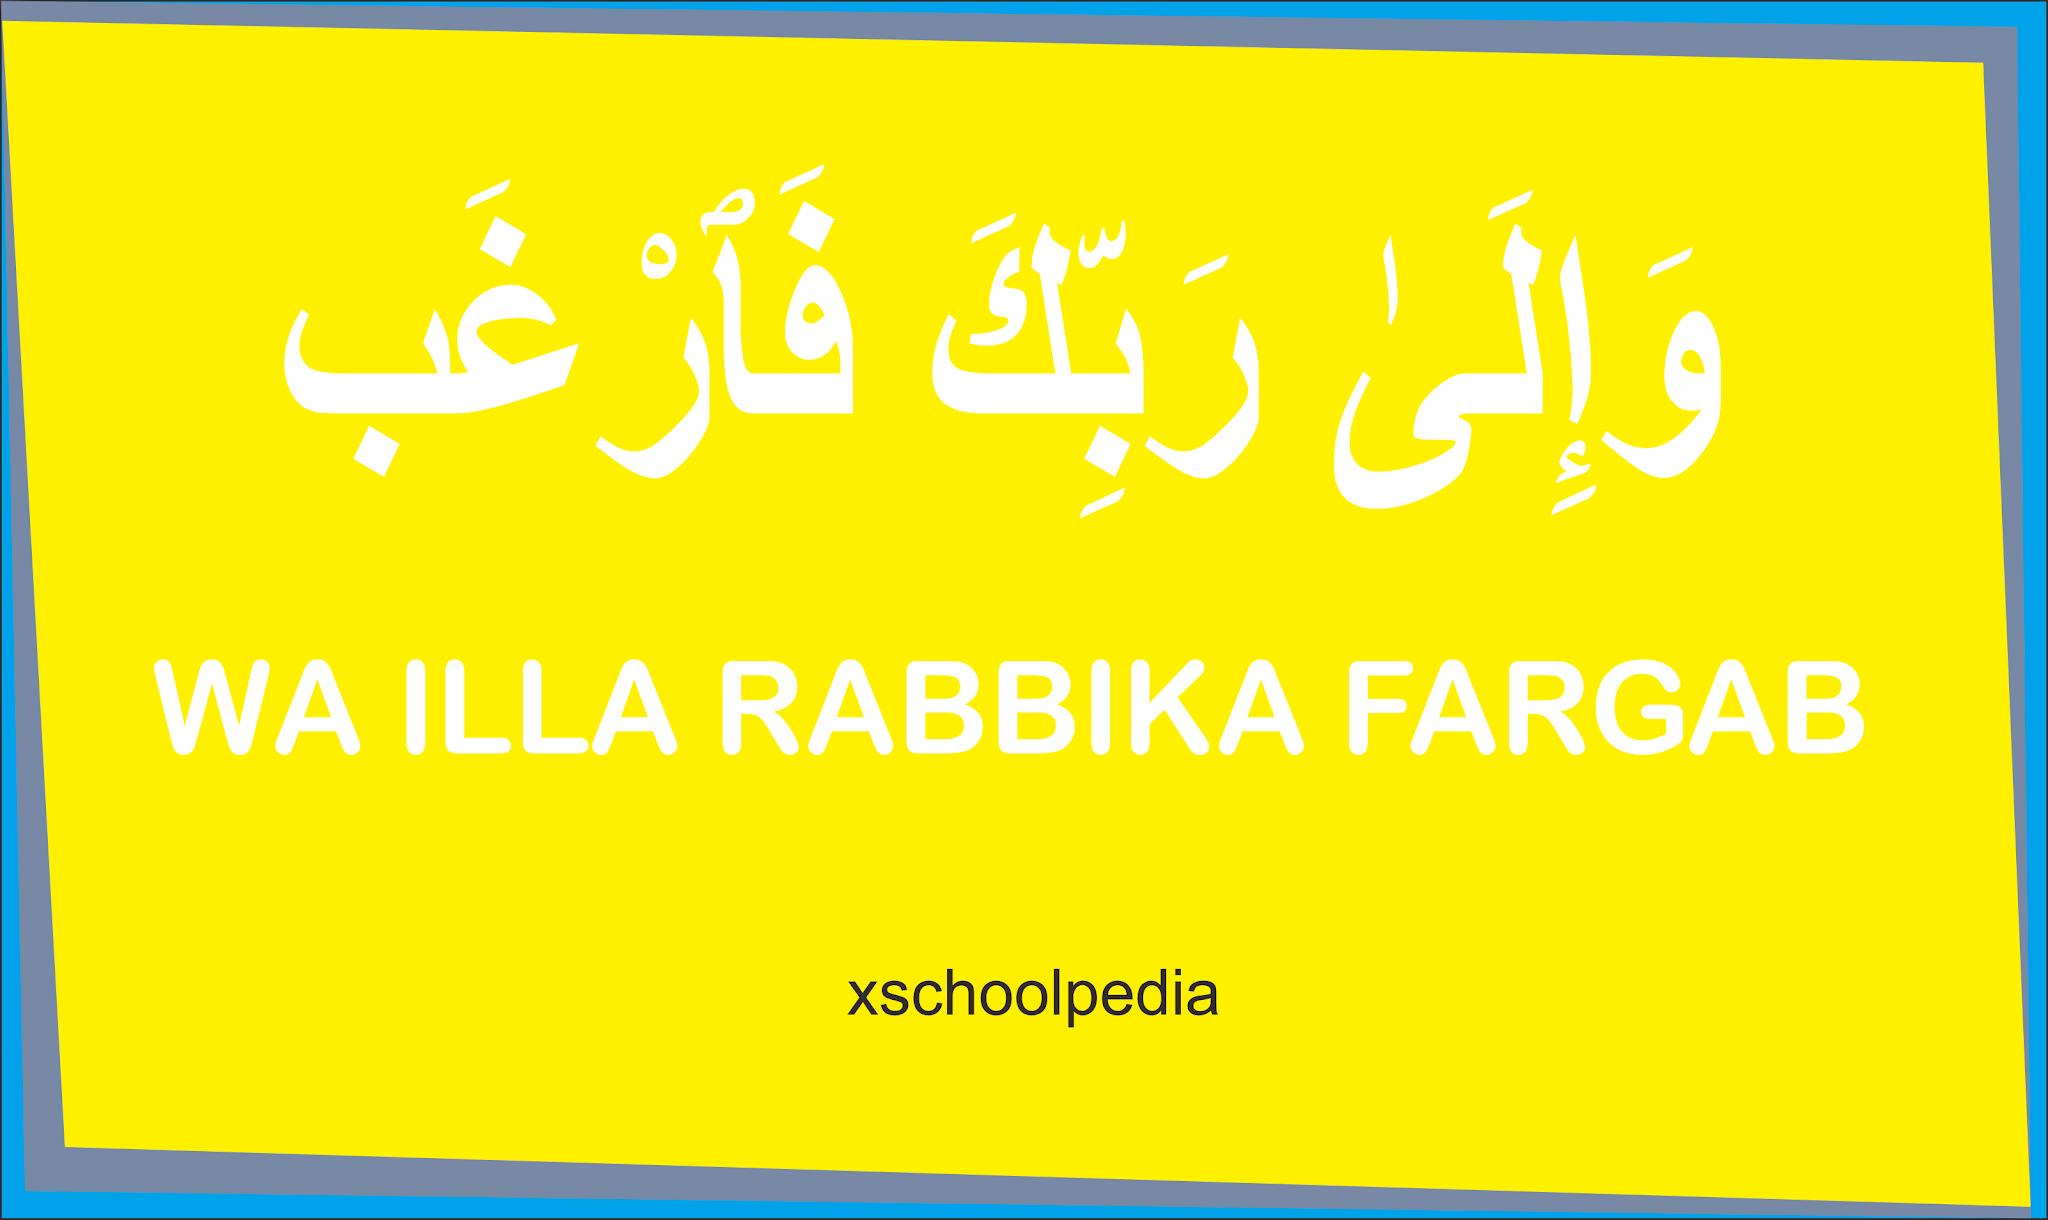 Wa Ila Robbika Farghob, Ayat Ke-8 dari surat Al-Insyirah, Arab, Latin Serta Artinya